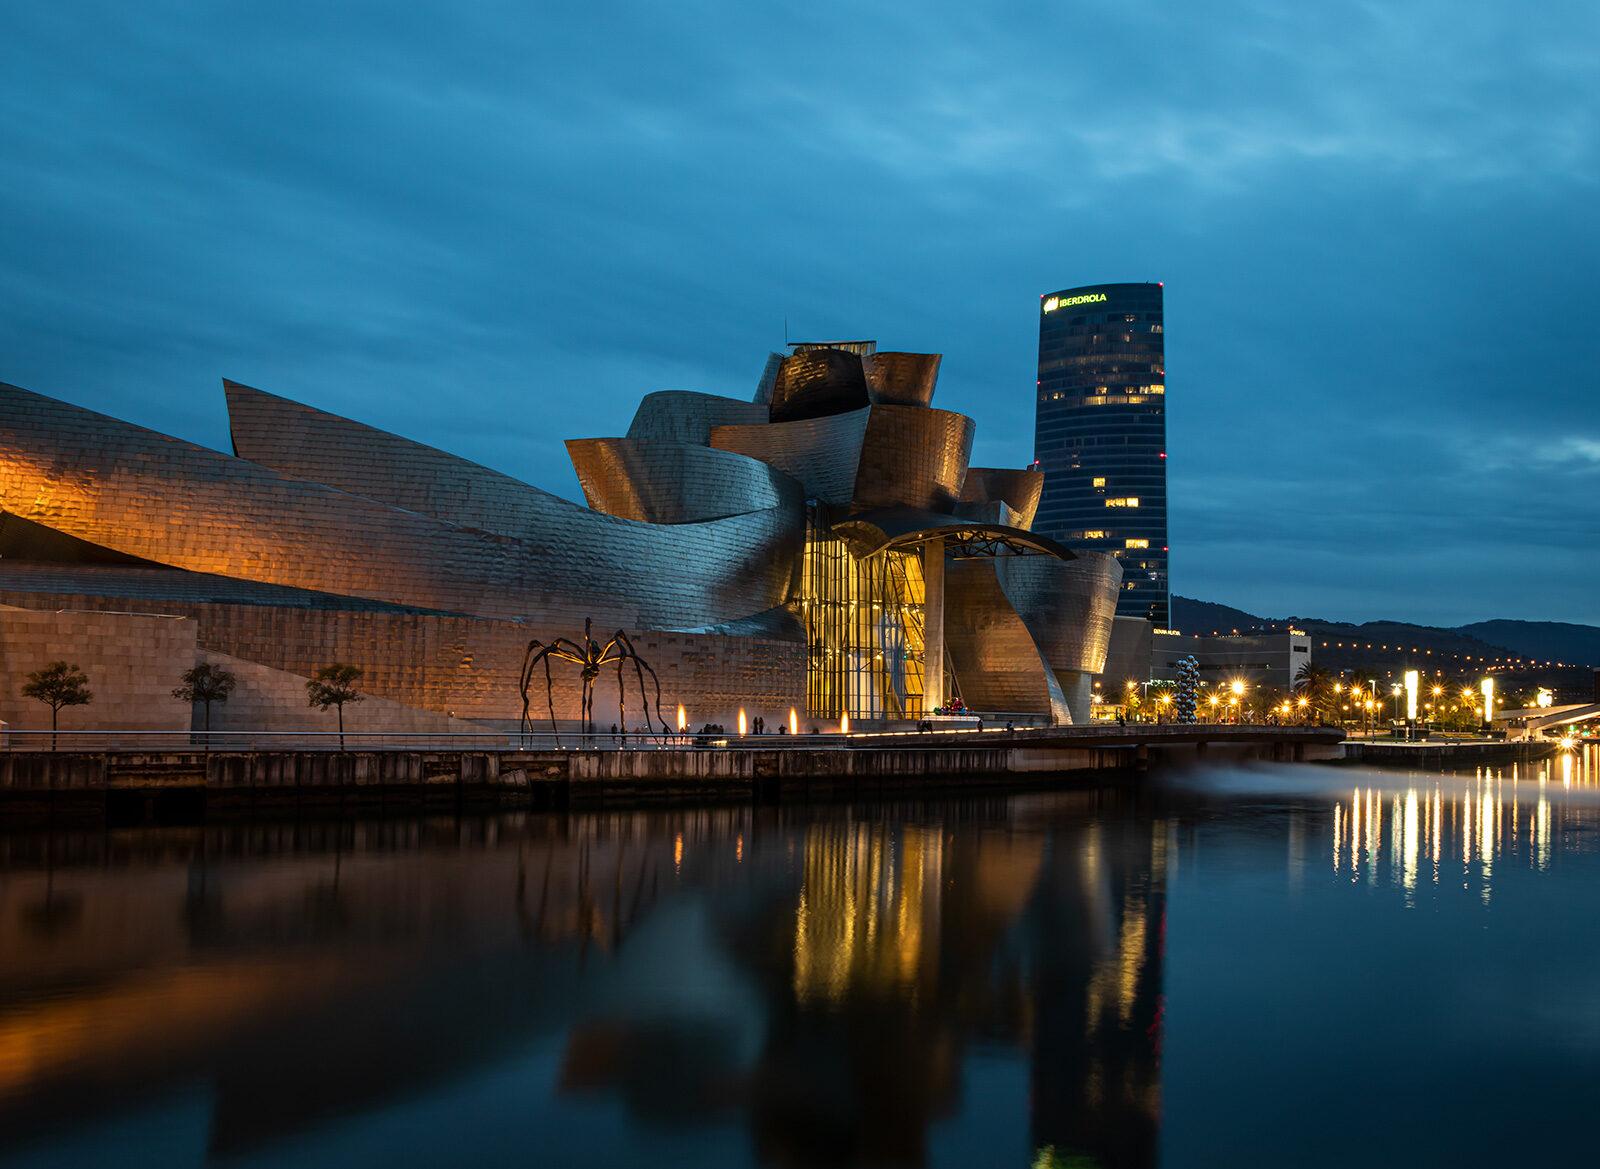 Guggenheim: Museet, der satte Bilbao på det internationale landkort